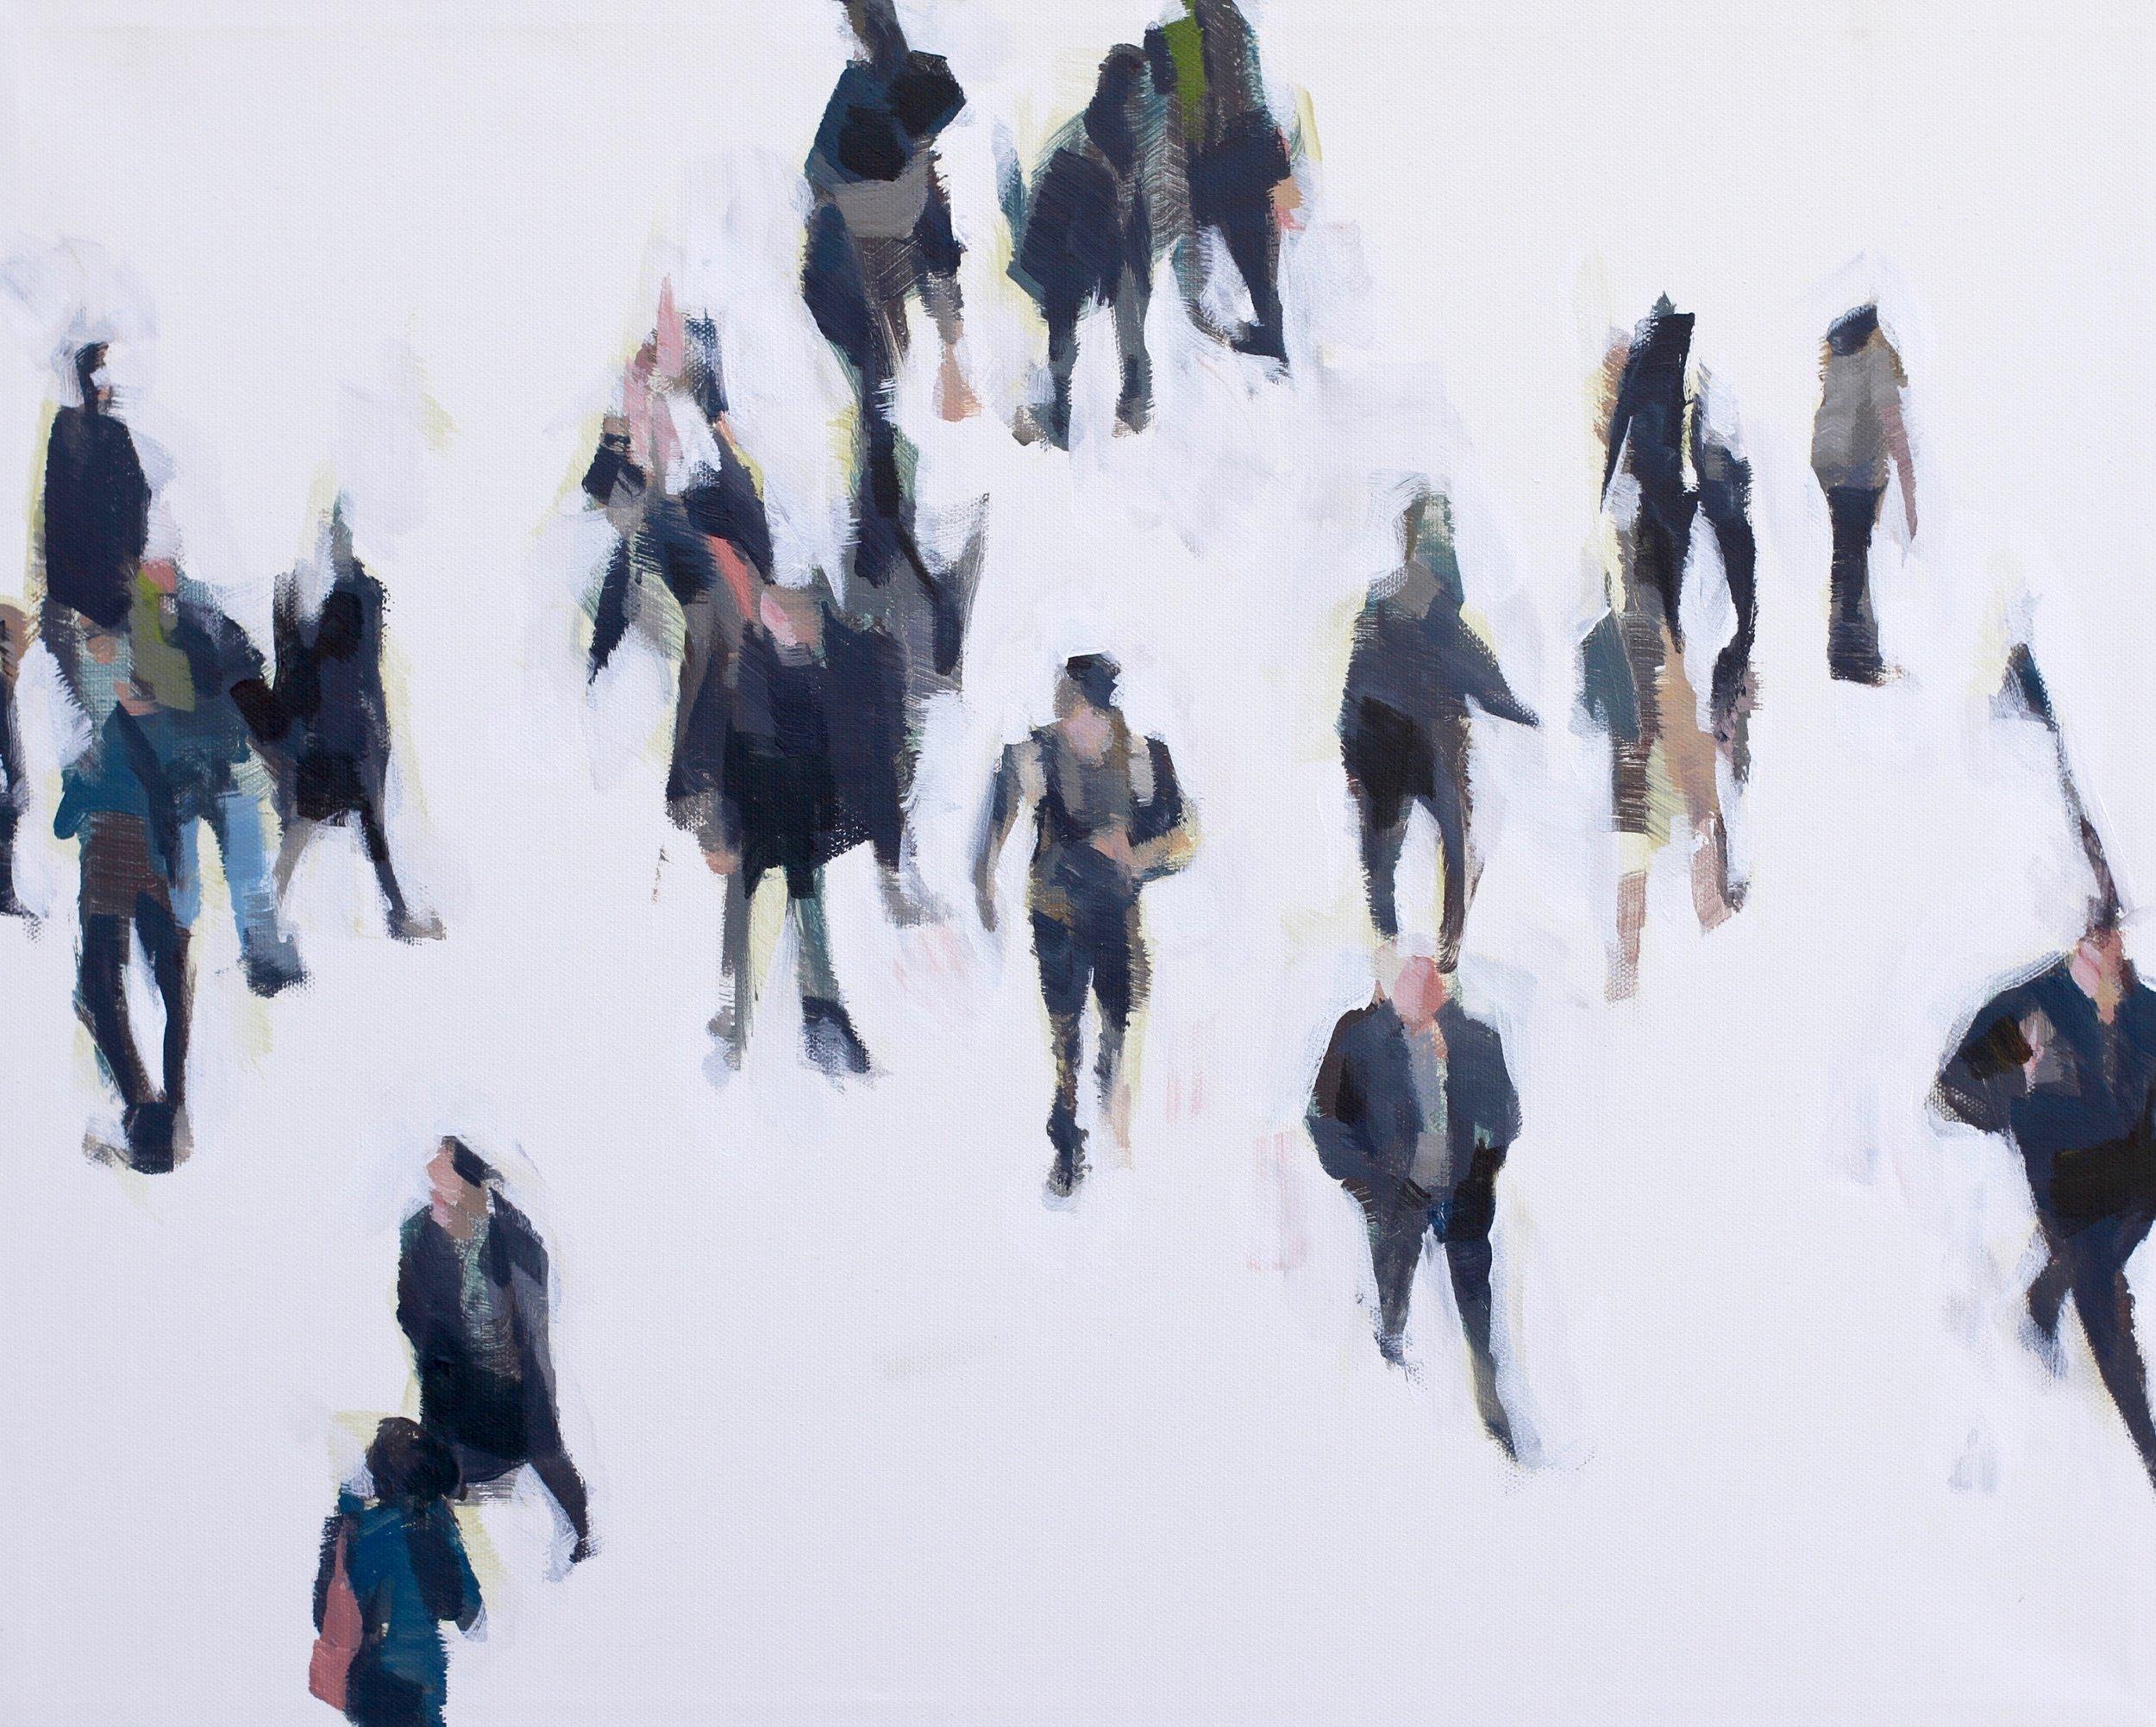 Crowd 40.5 x 51 cm